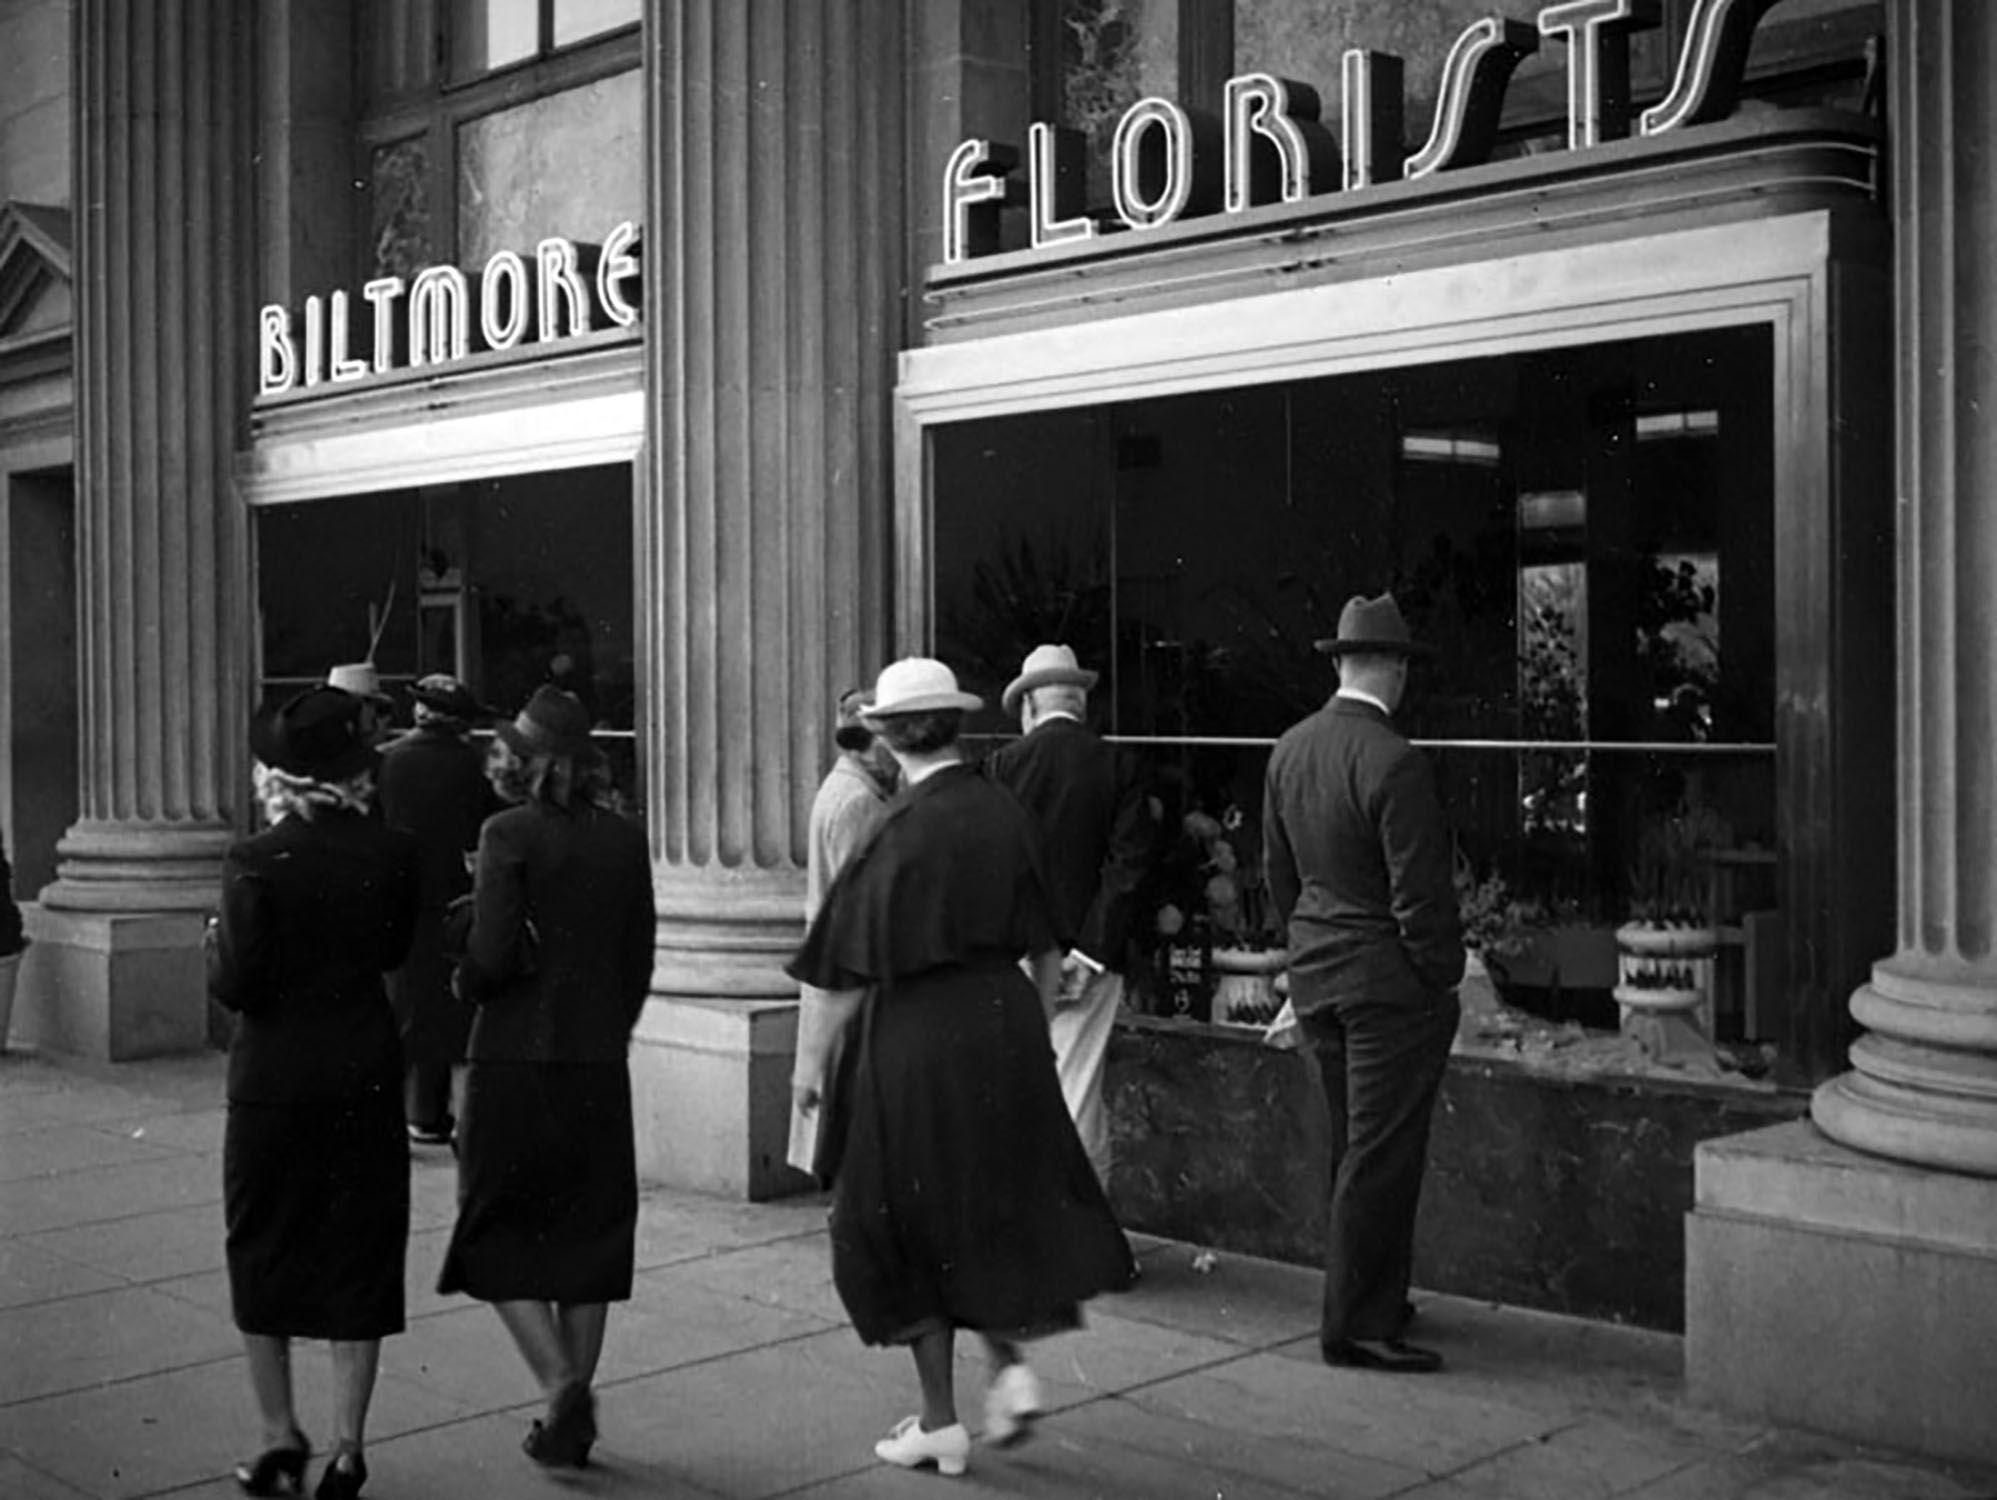 Flower Los Angeles Biltmore Hotel In 1937